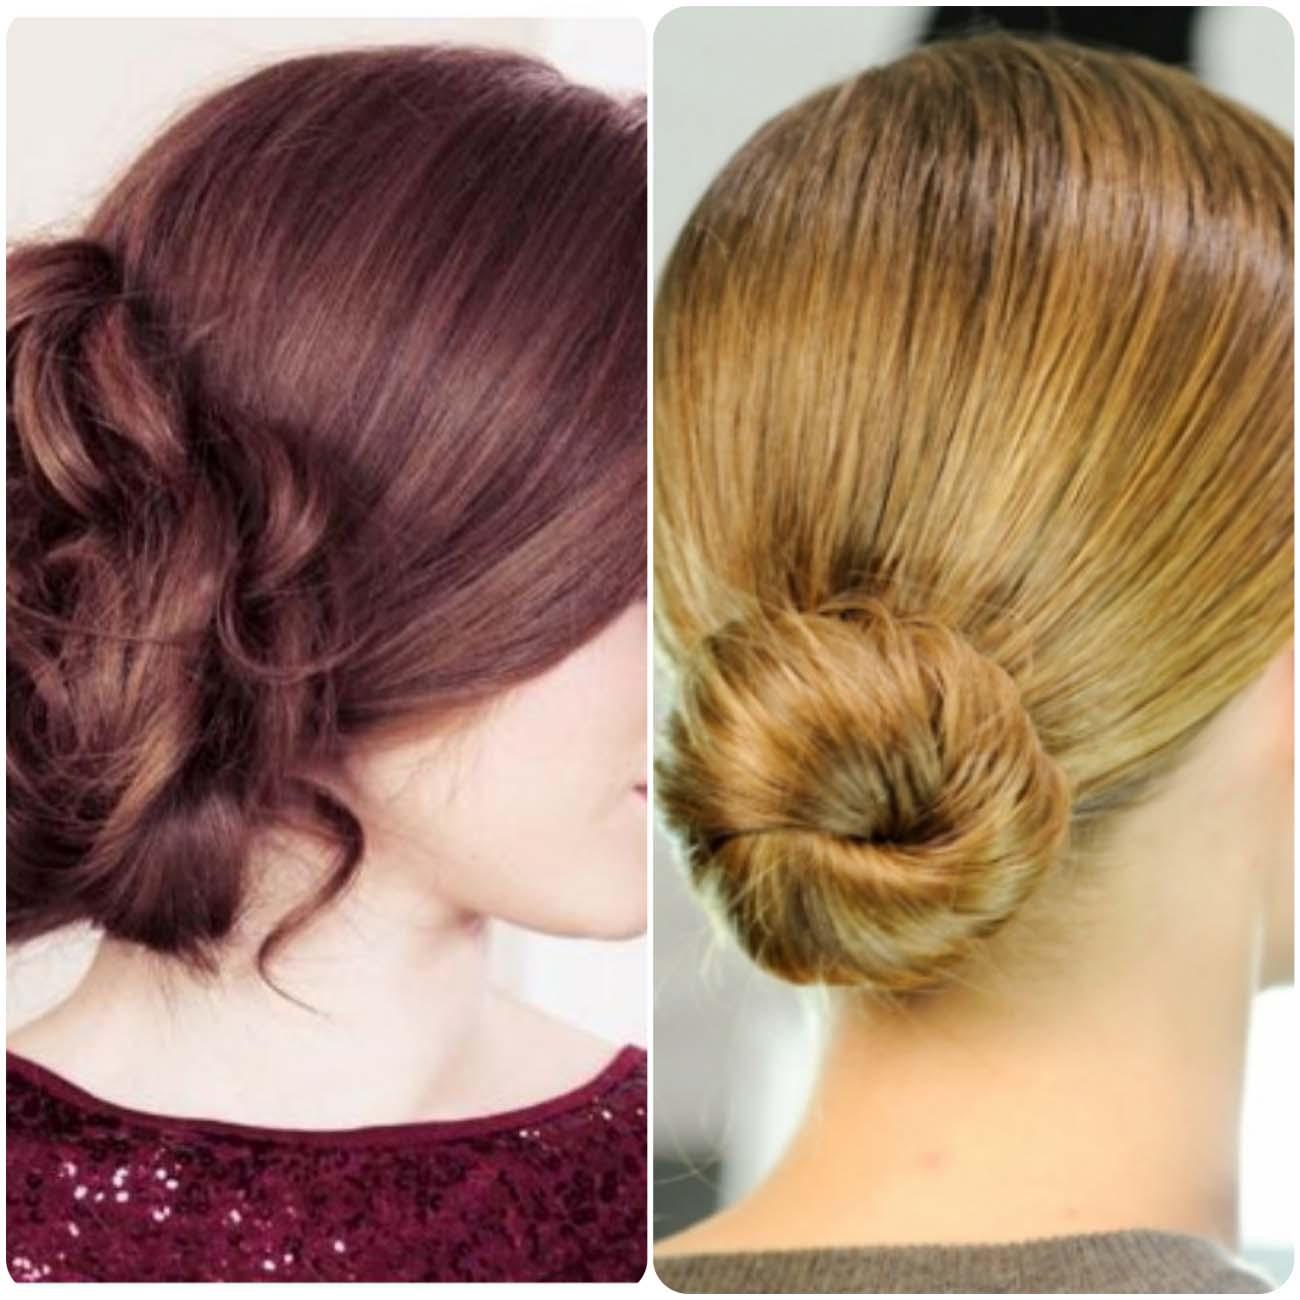 lfg-fall-2012-ny-fashion-week-runway-hair-stylesgb-3_Fotor_Collage